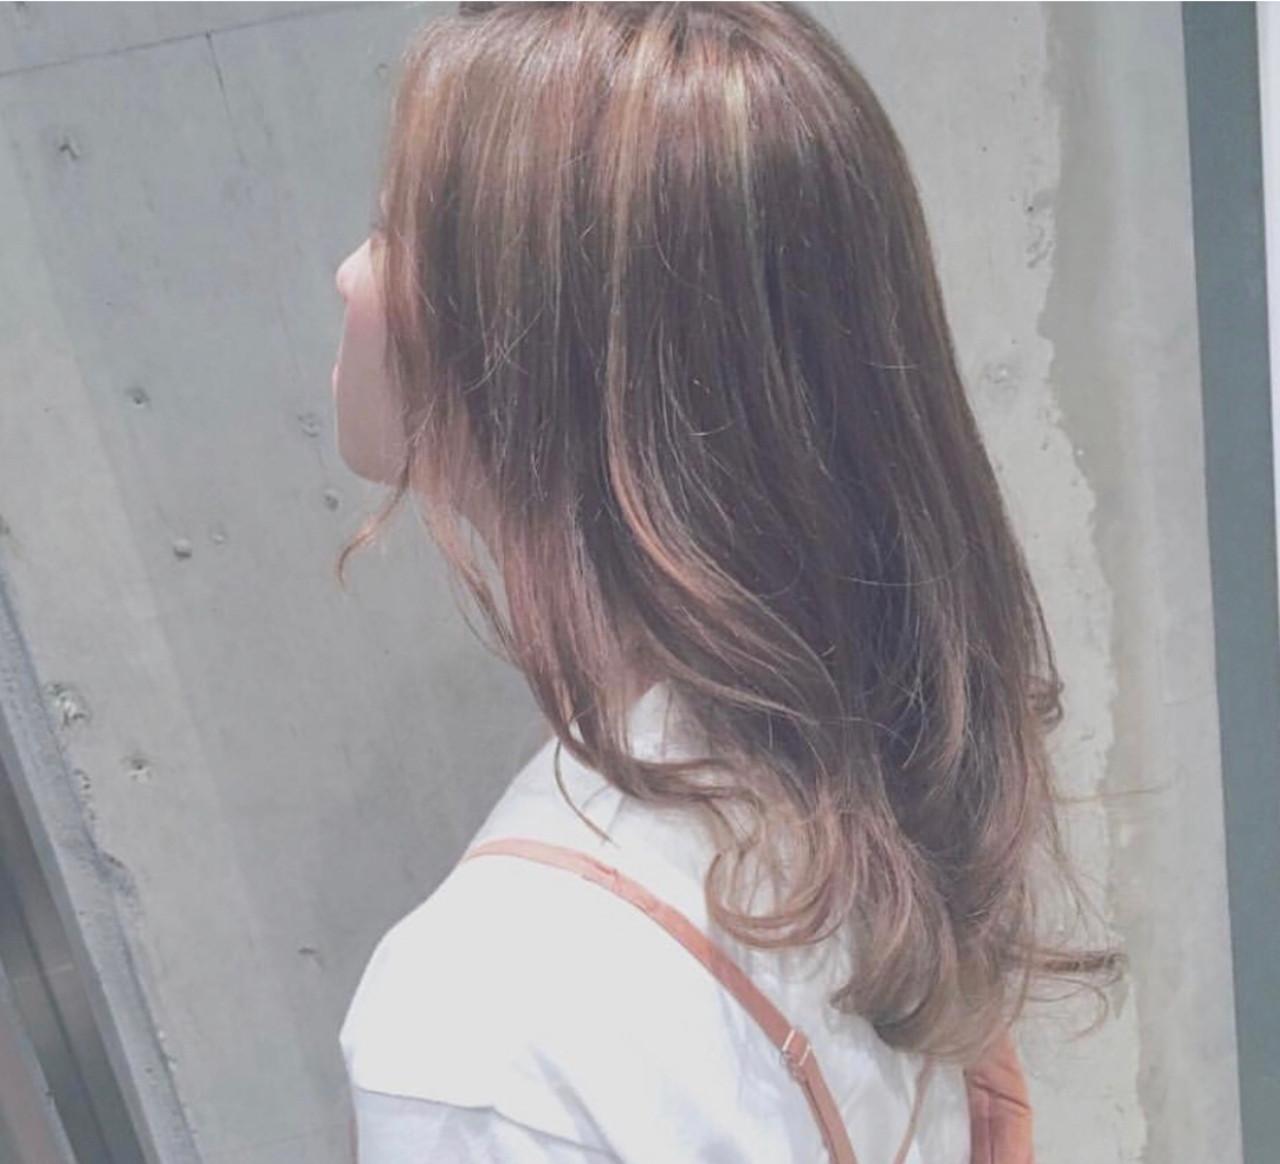 オレンジ レイヤー セミロング フェミニン ヘアスタイルや髪型の写真・画像 | haruca shiono / imaii scaena×colore